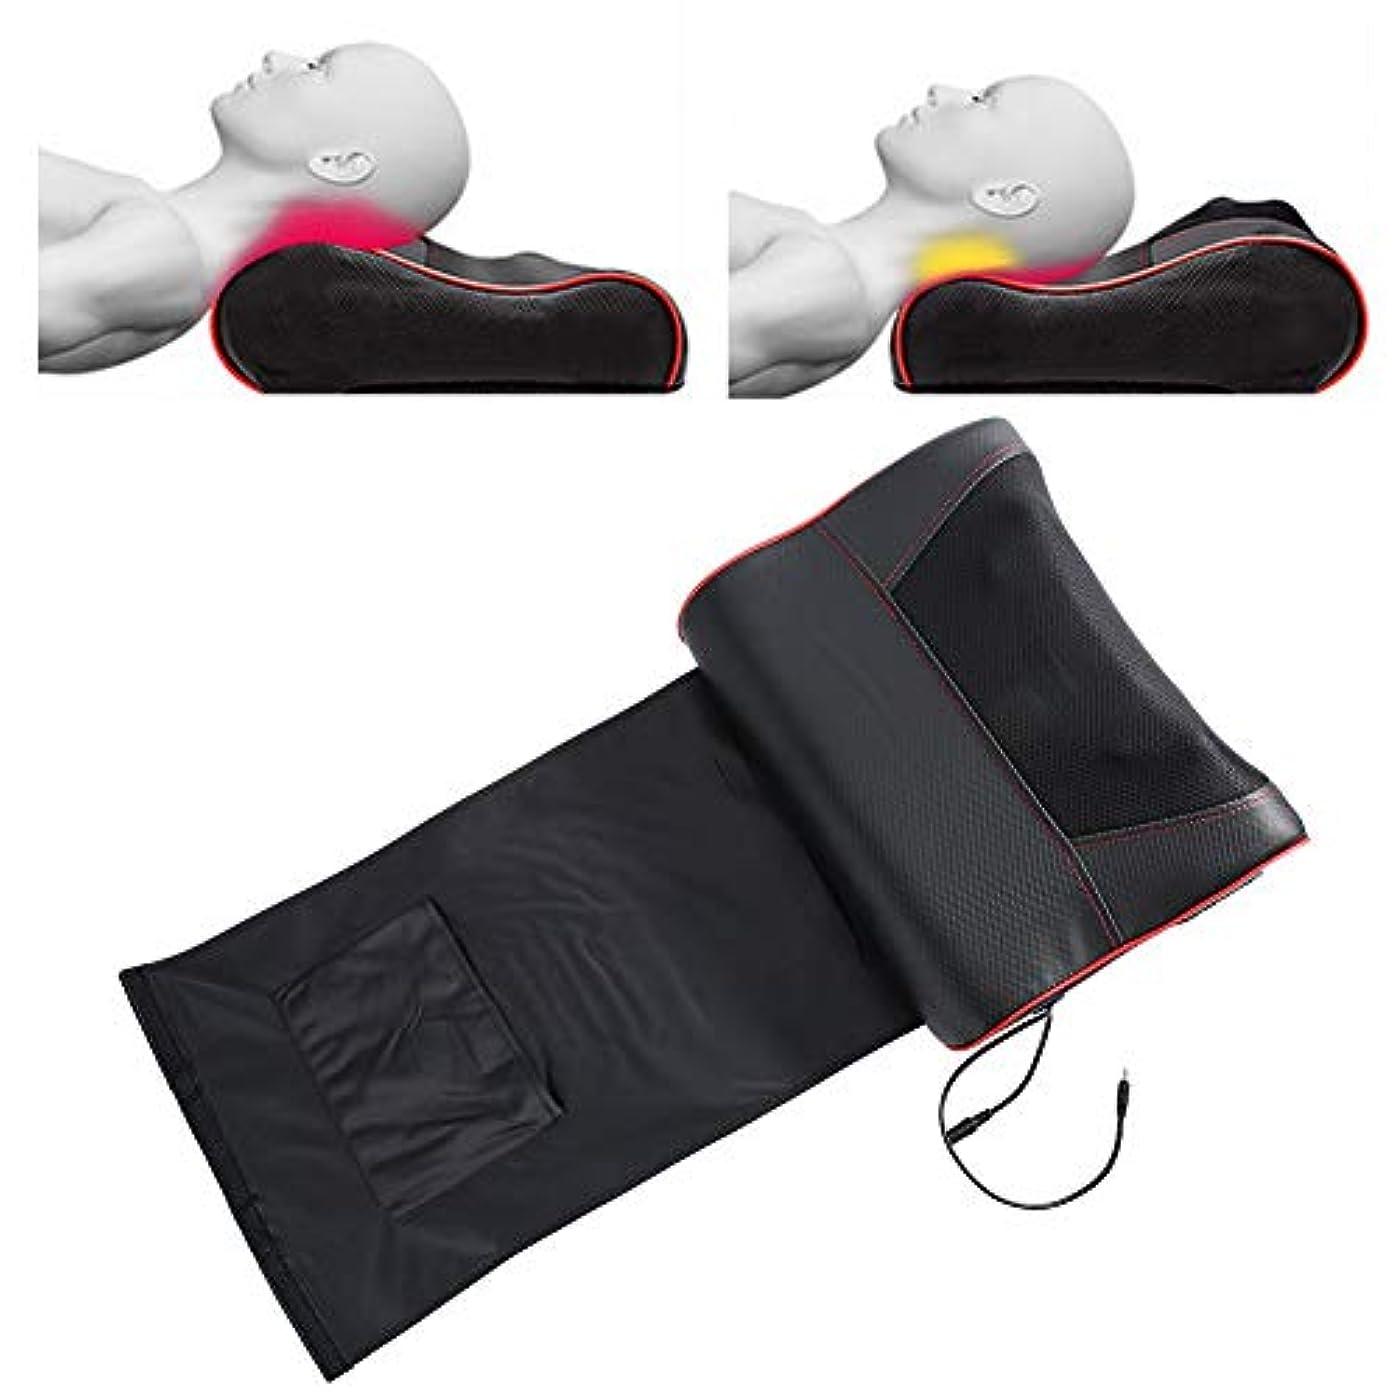 オデュッセウススキーム特派員頸部マッサージ枕、多機能マッサージ枕、灸ホットコンプレックスネックウエストショルダーマッサージ用全身筋肉痛(US-Plug)